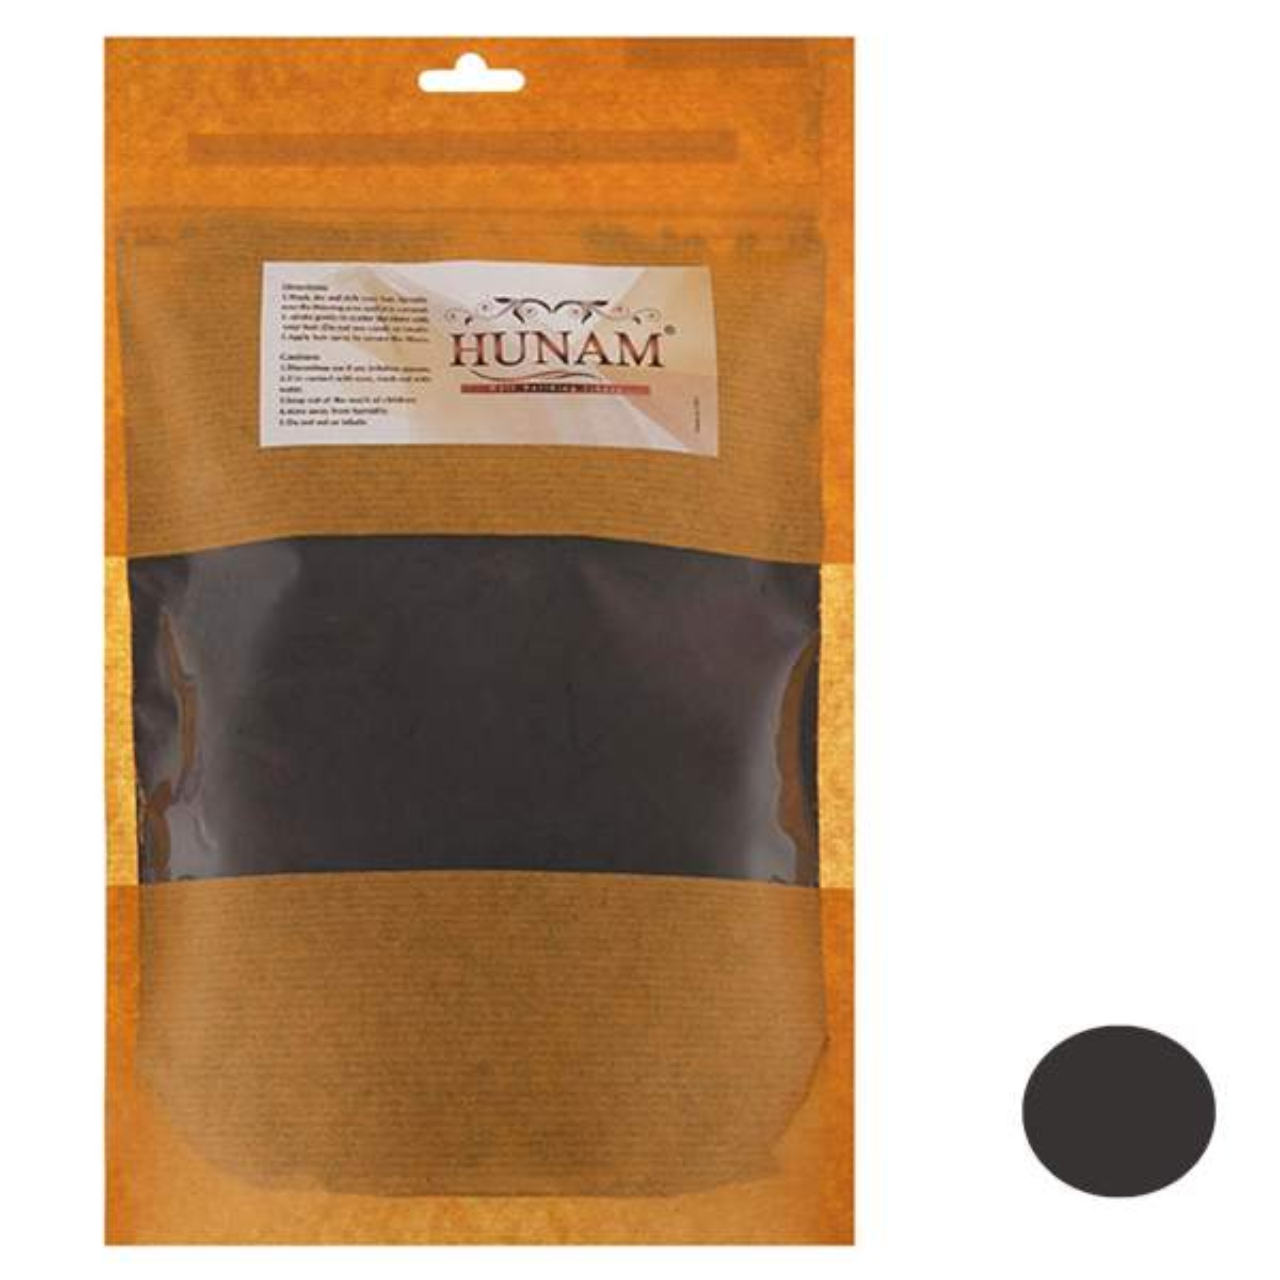 پودر پرپشت کننده مو هونام کد 02 وزن 400 گرم رنگ قهوه ای تیره